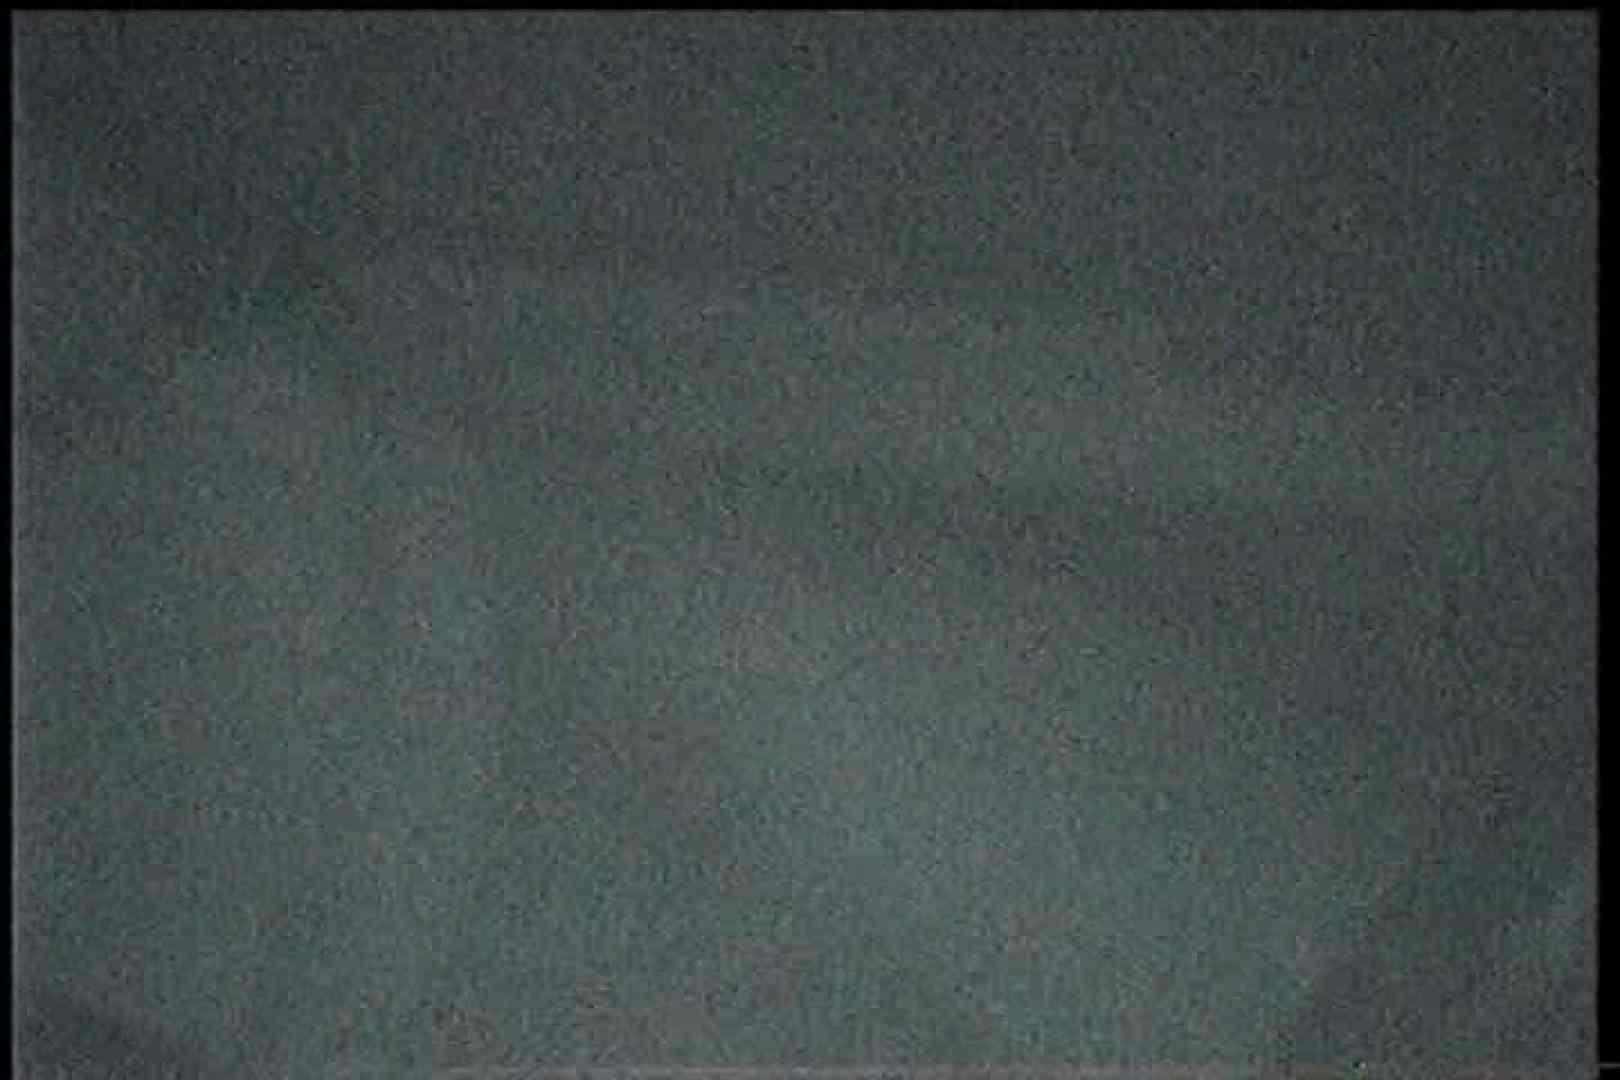 充血監督の深夜の運動会Vol.203 OLの実態   パンツ大放出  71pic 9